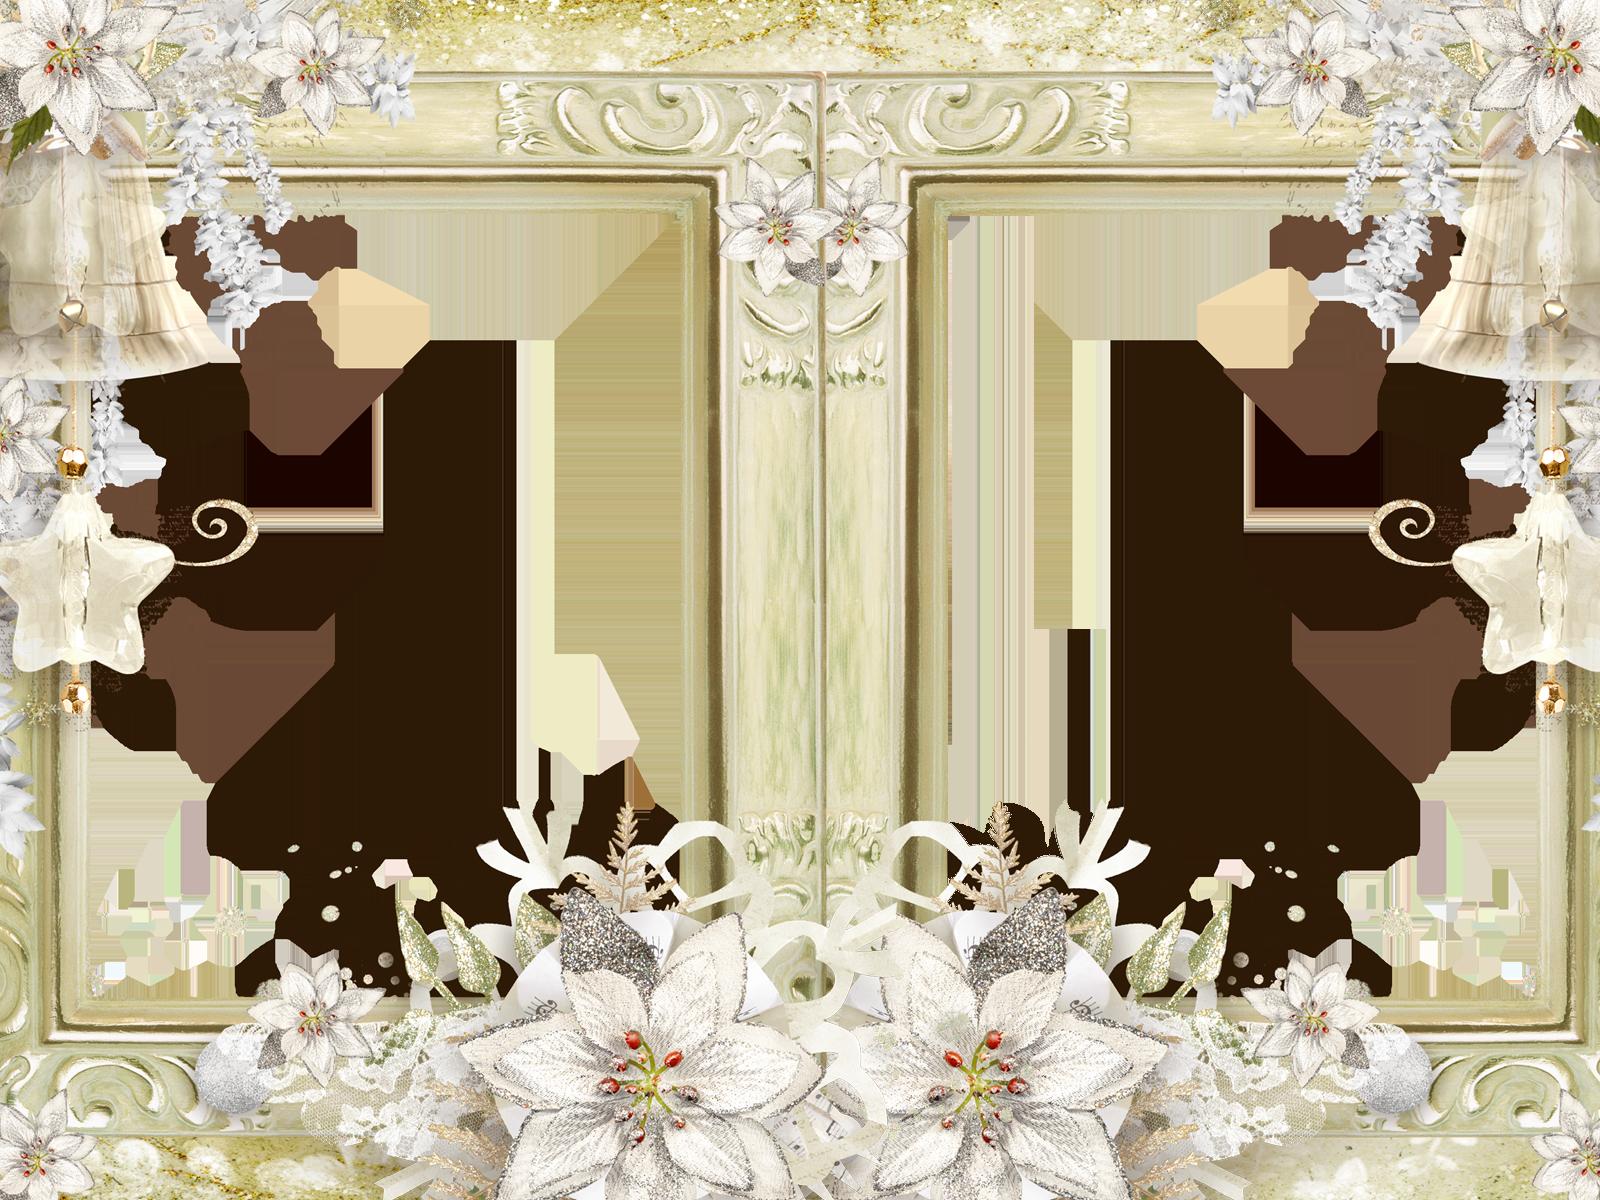 Фоторамка Двойная фоторамка с цветами Фоторамка для фотошопа, PNG шаблон. Бледно-золотистая рамка для двух фото. Золотистый фон, цветы, узоры.